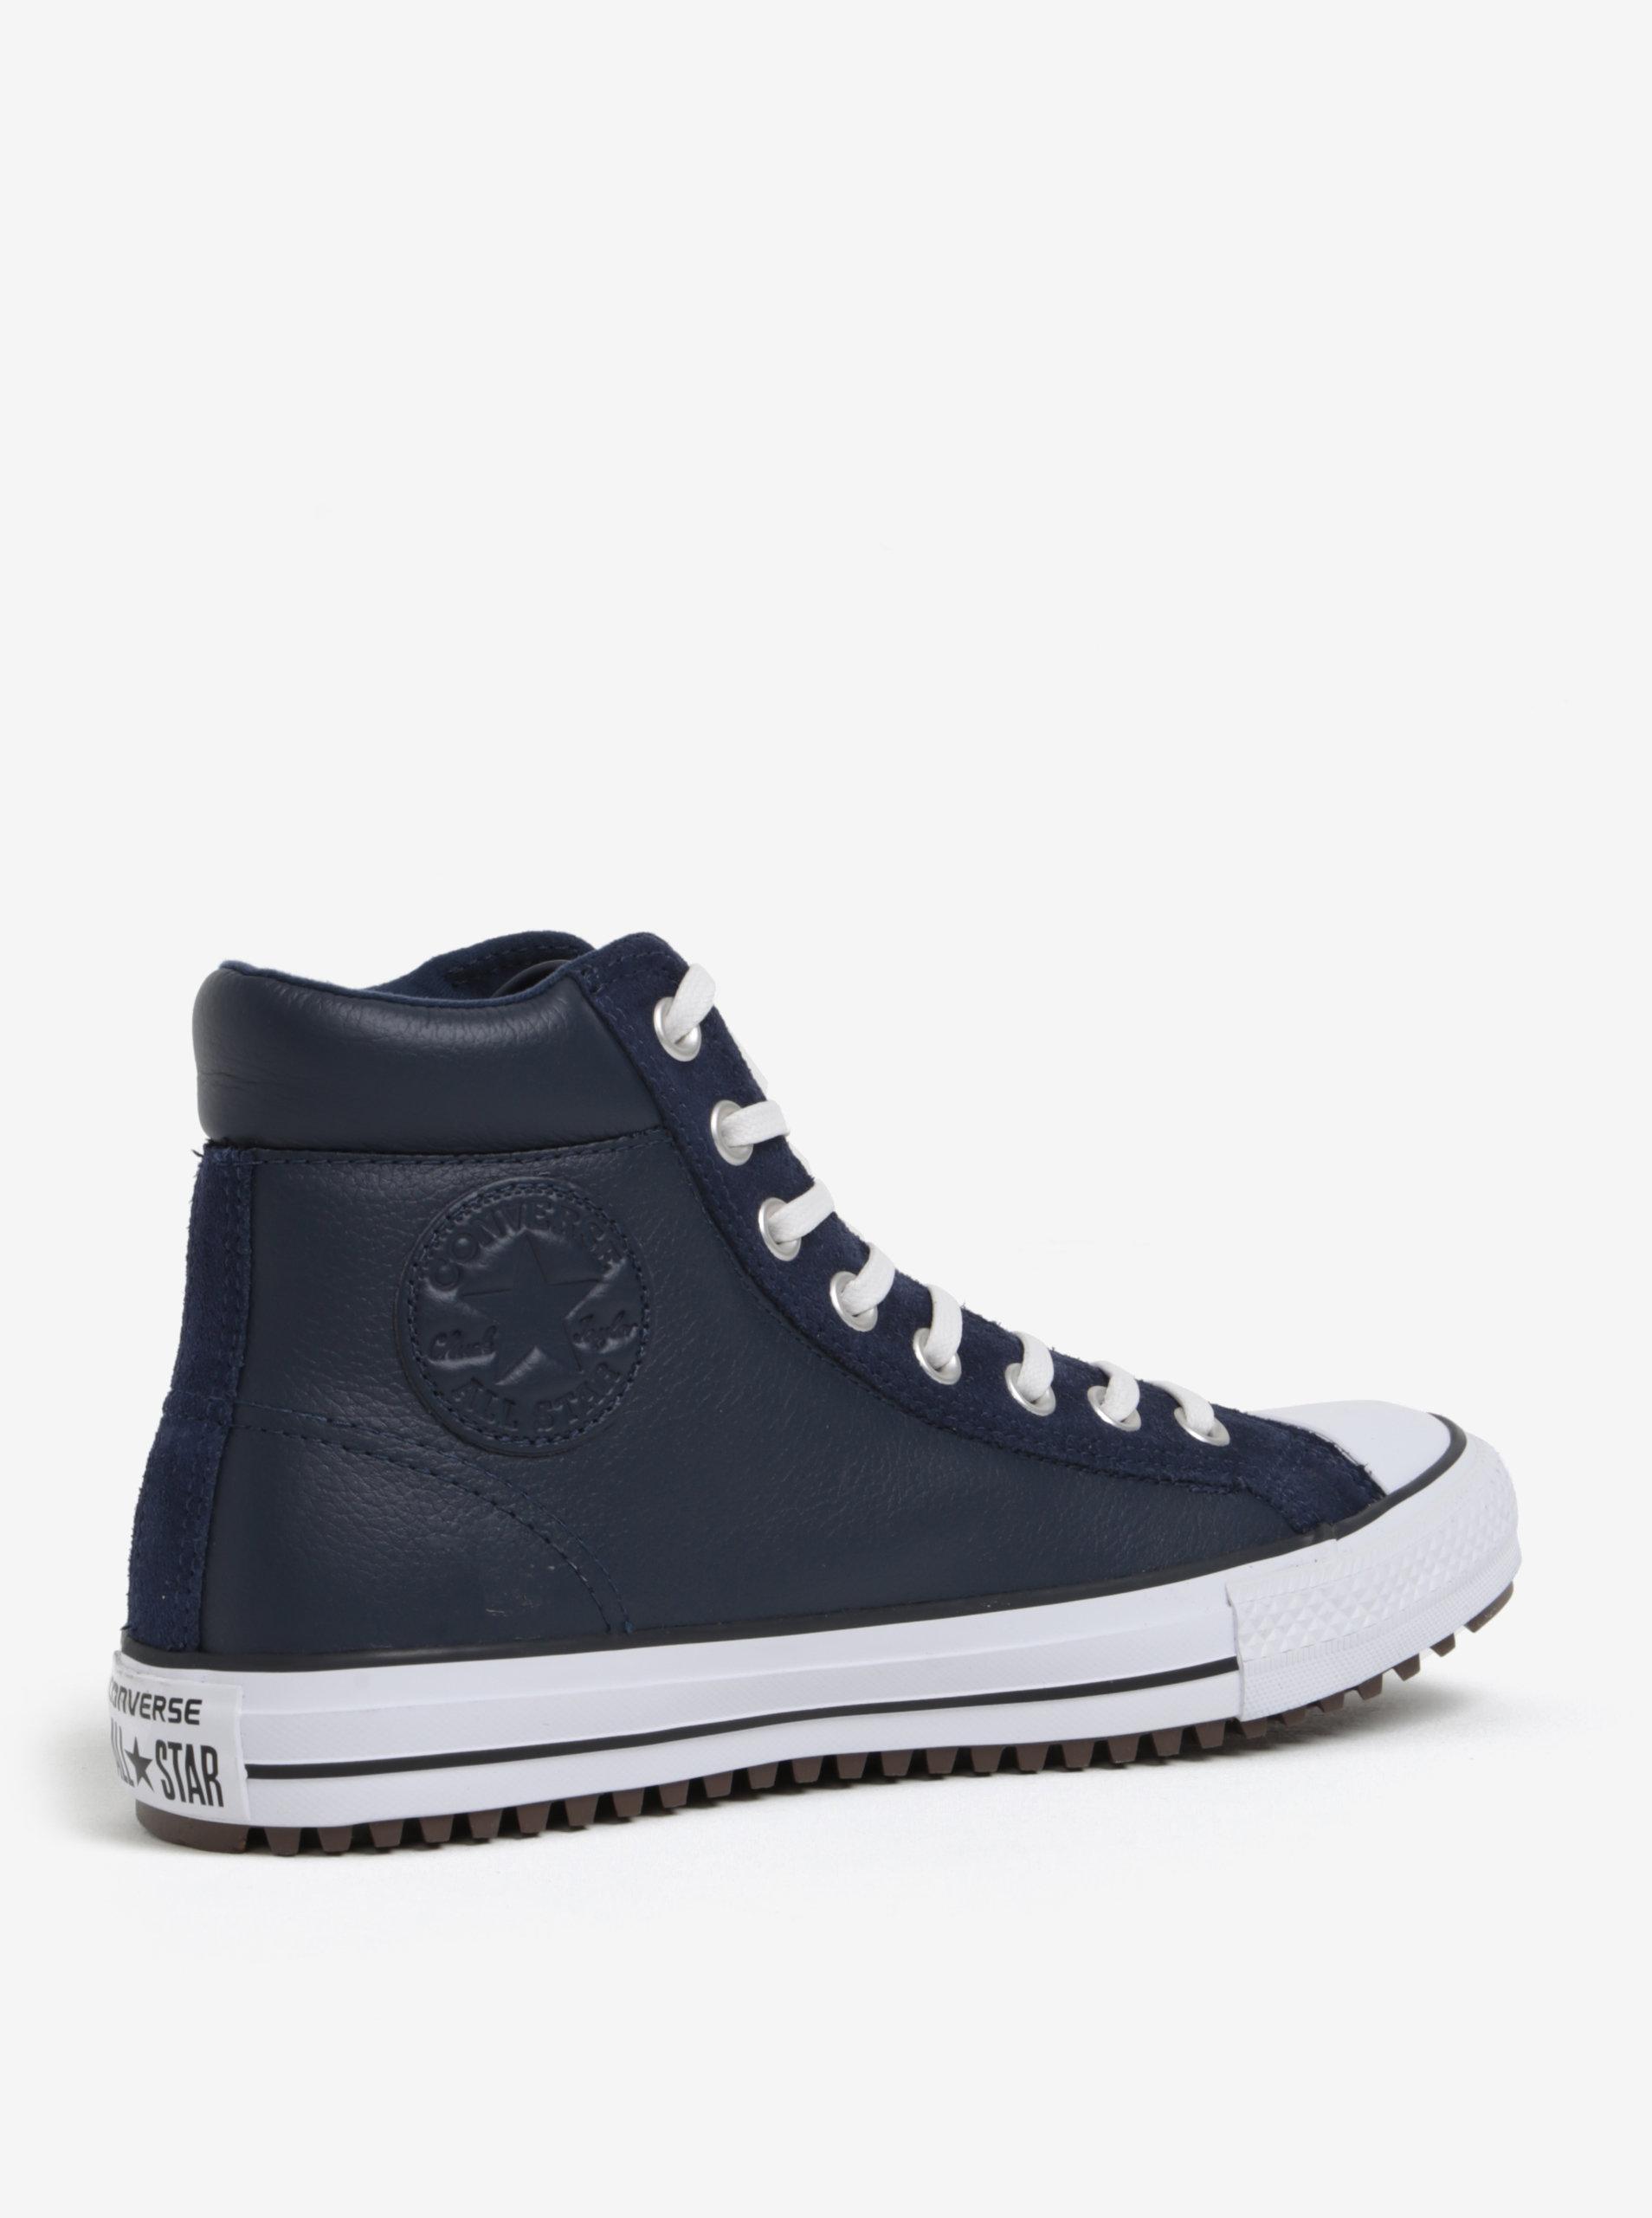 3577aa97070 Tmavě modré pánské kožené kotníkové tenisky Converse Chuck Taylor ...